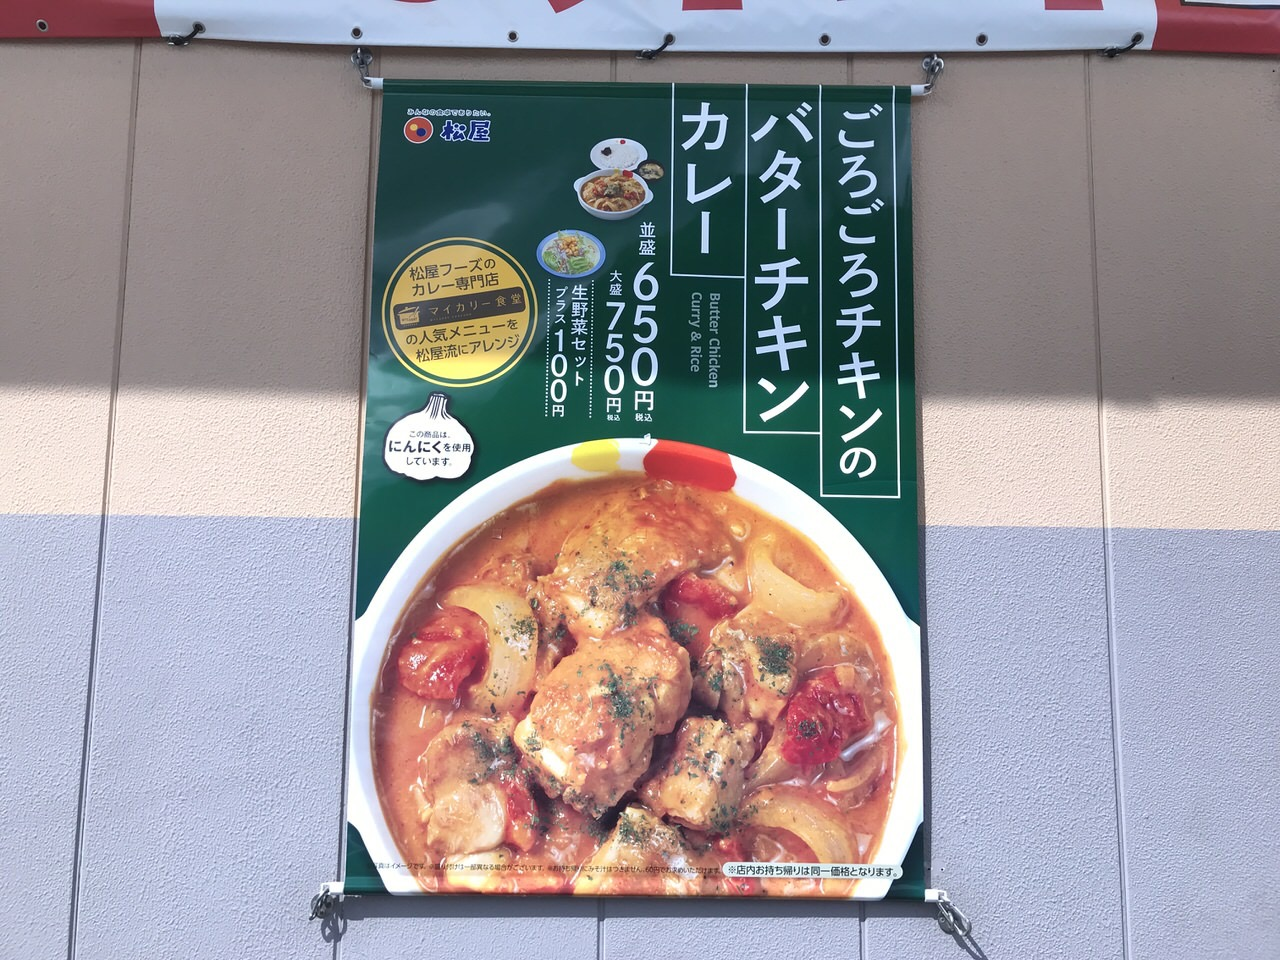 【松屋】「ごろごろチキンのバターチキンカレー」1